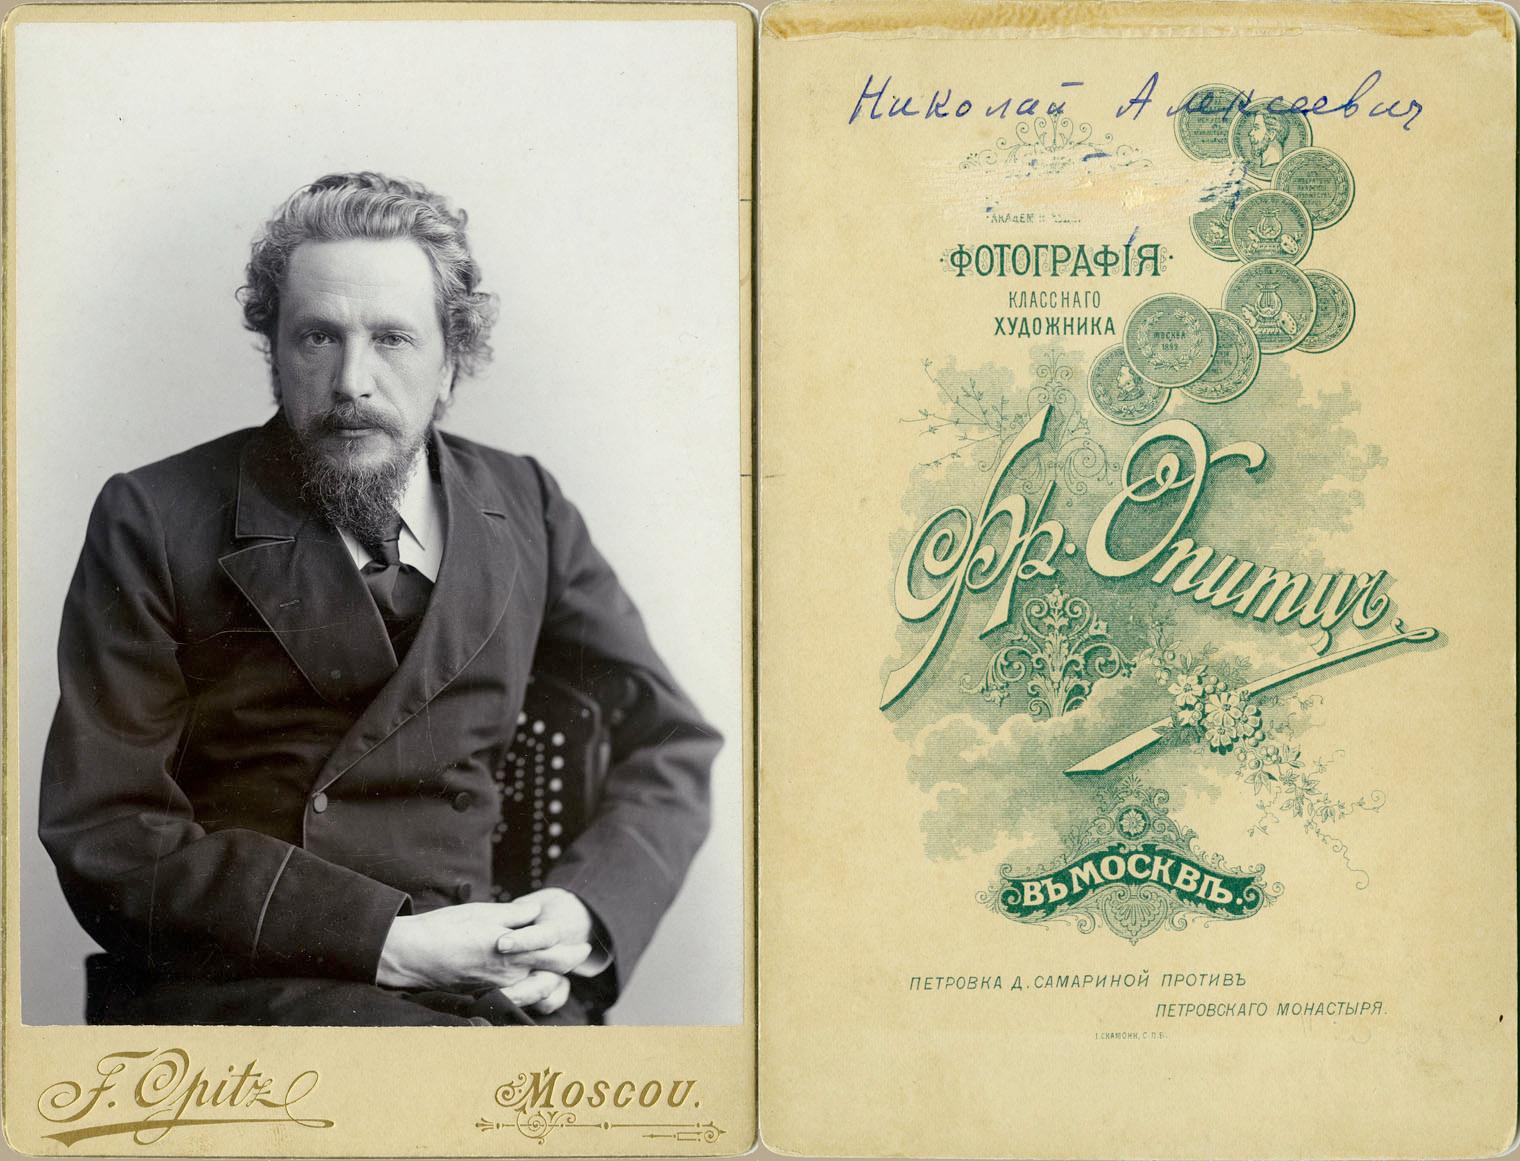 KABLUKOV N. A. (Каблуков Н.А.)